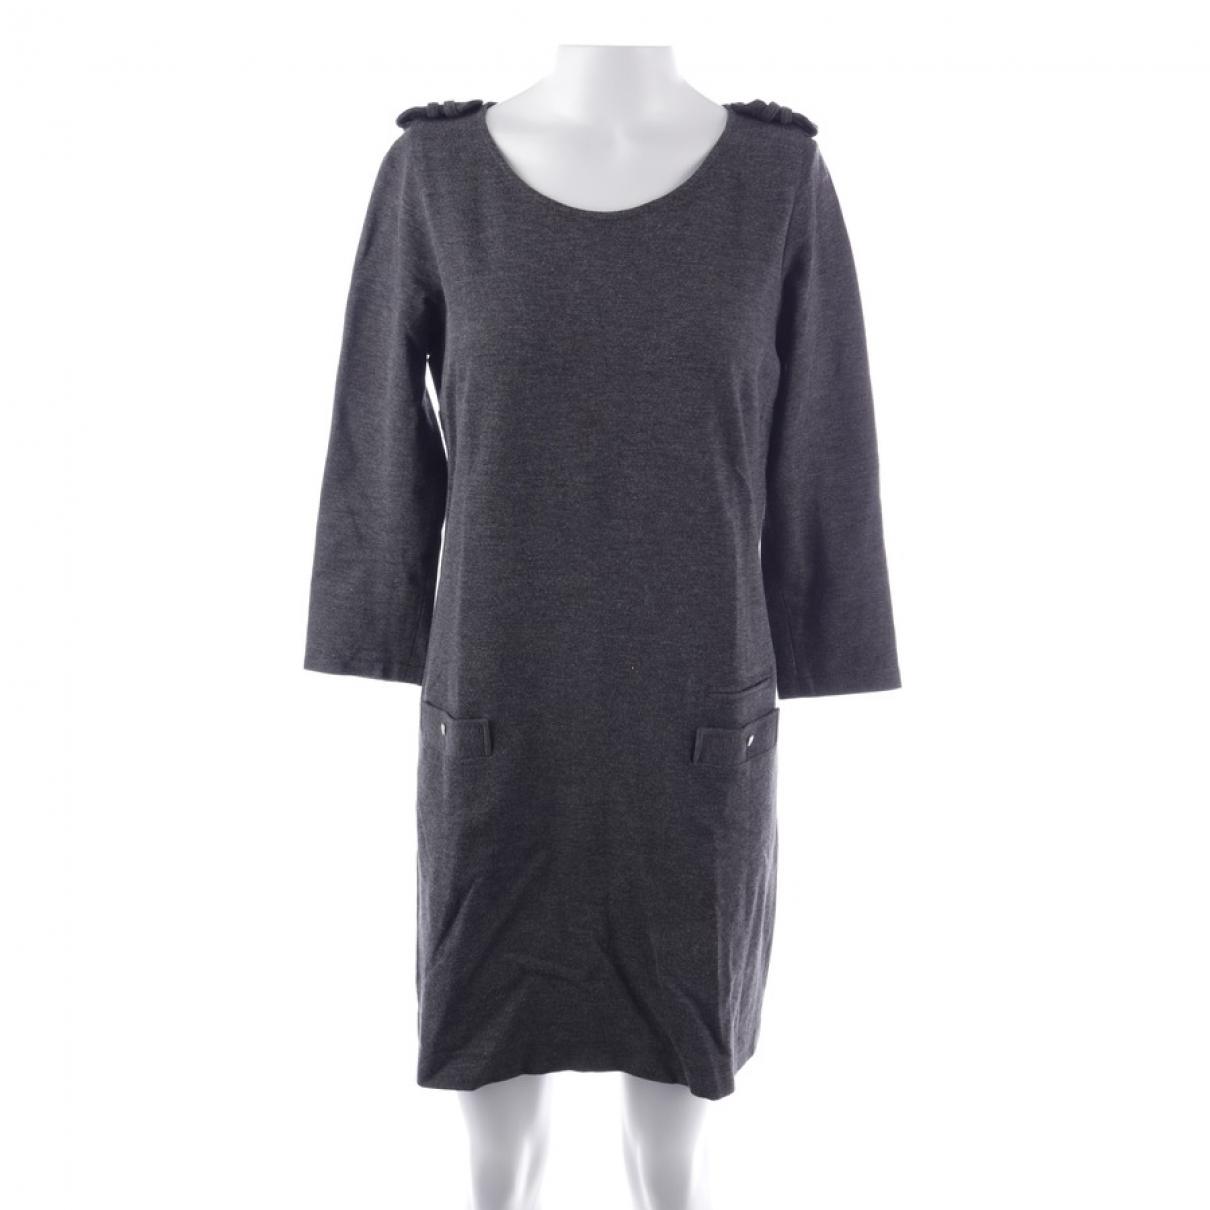 Sandro \N Grey Cotton dress for Women 36 FR